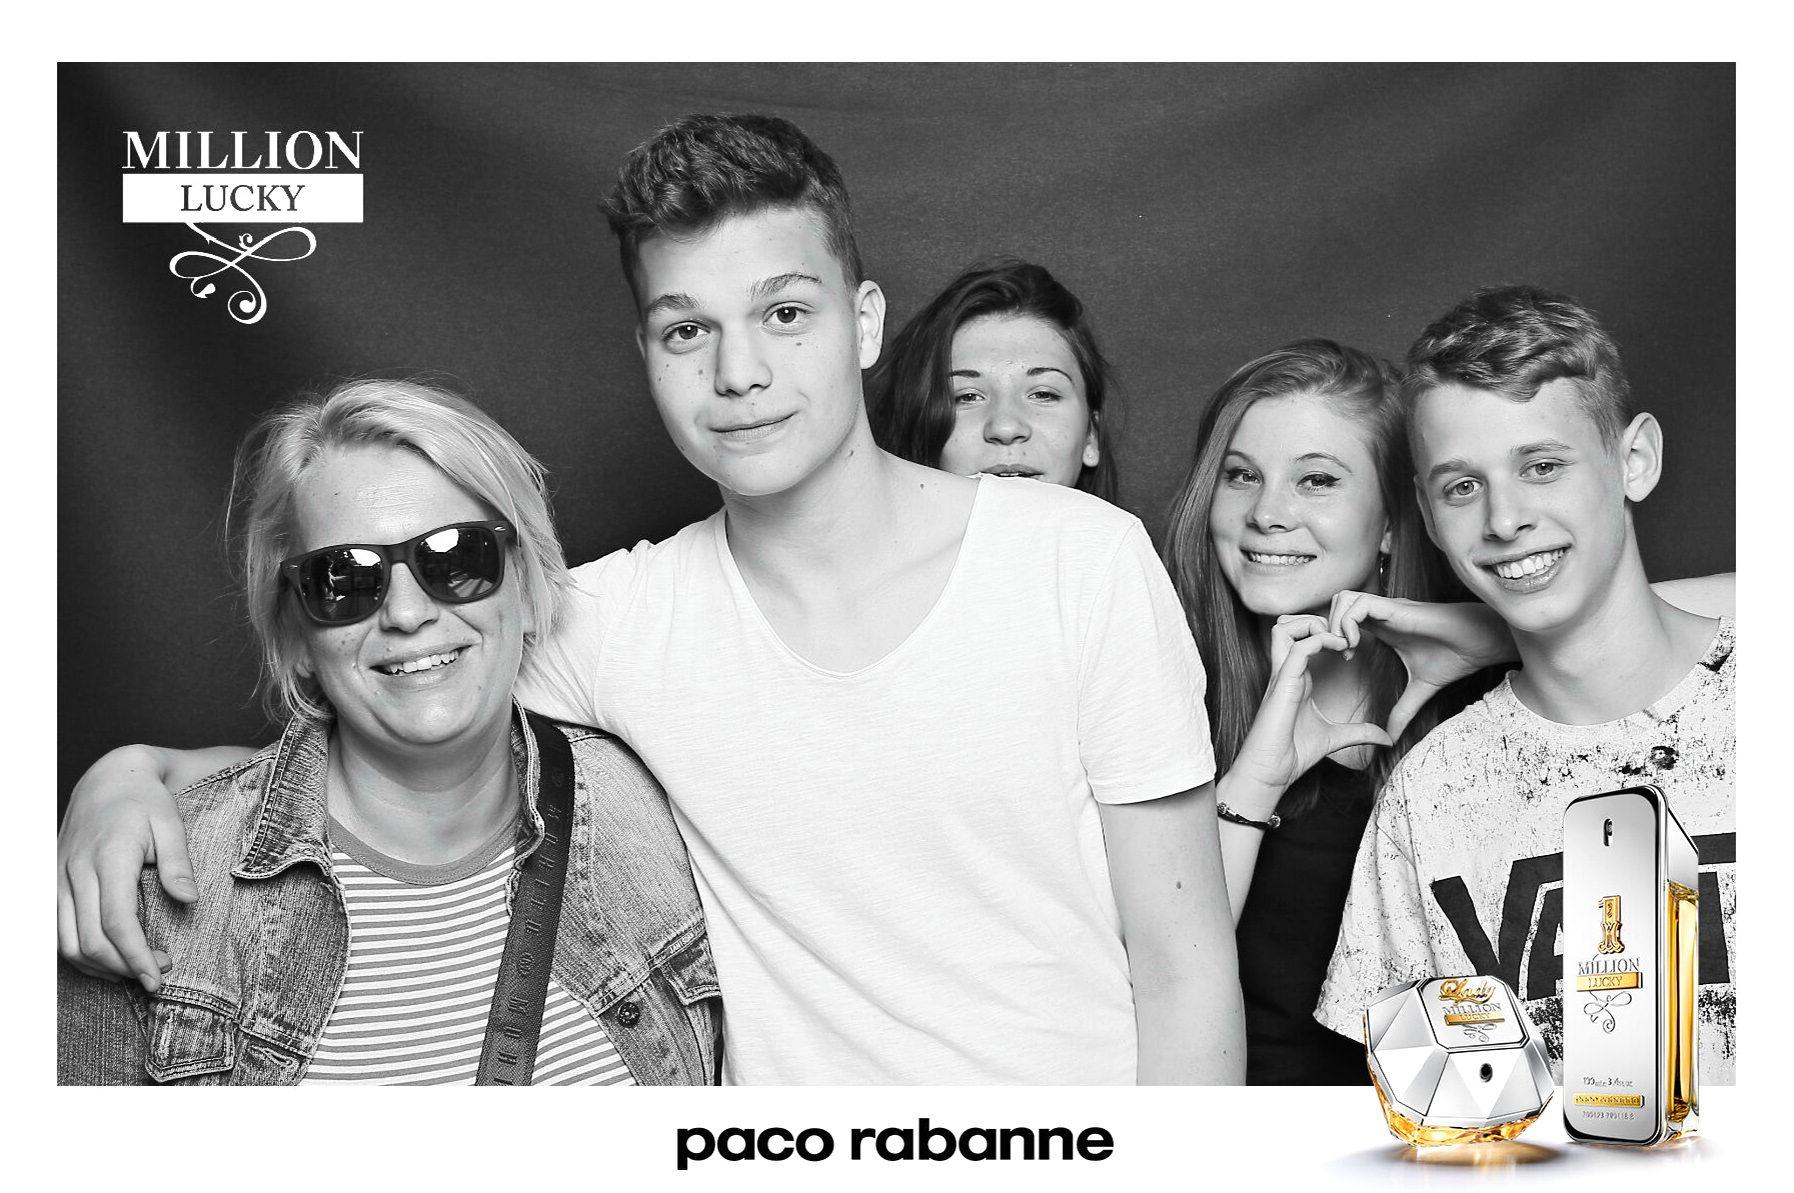 fotokoutek-plzen-promo-akce-paco-rabanne-oc-olympia-plzen-14-4-2018-409306